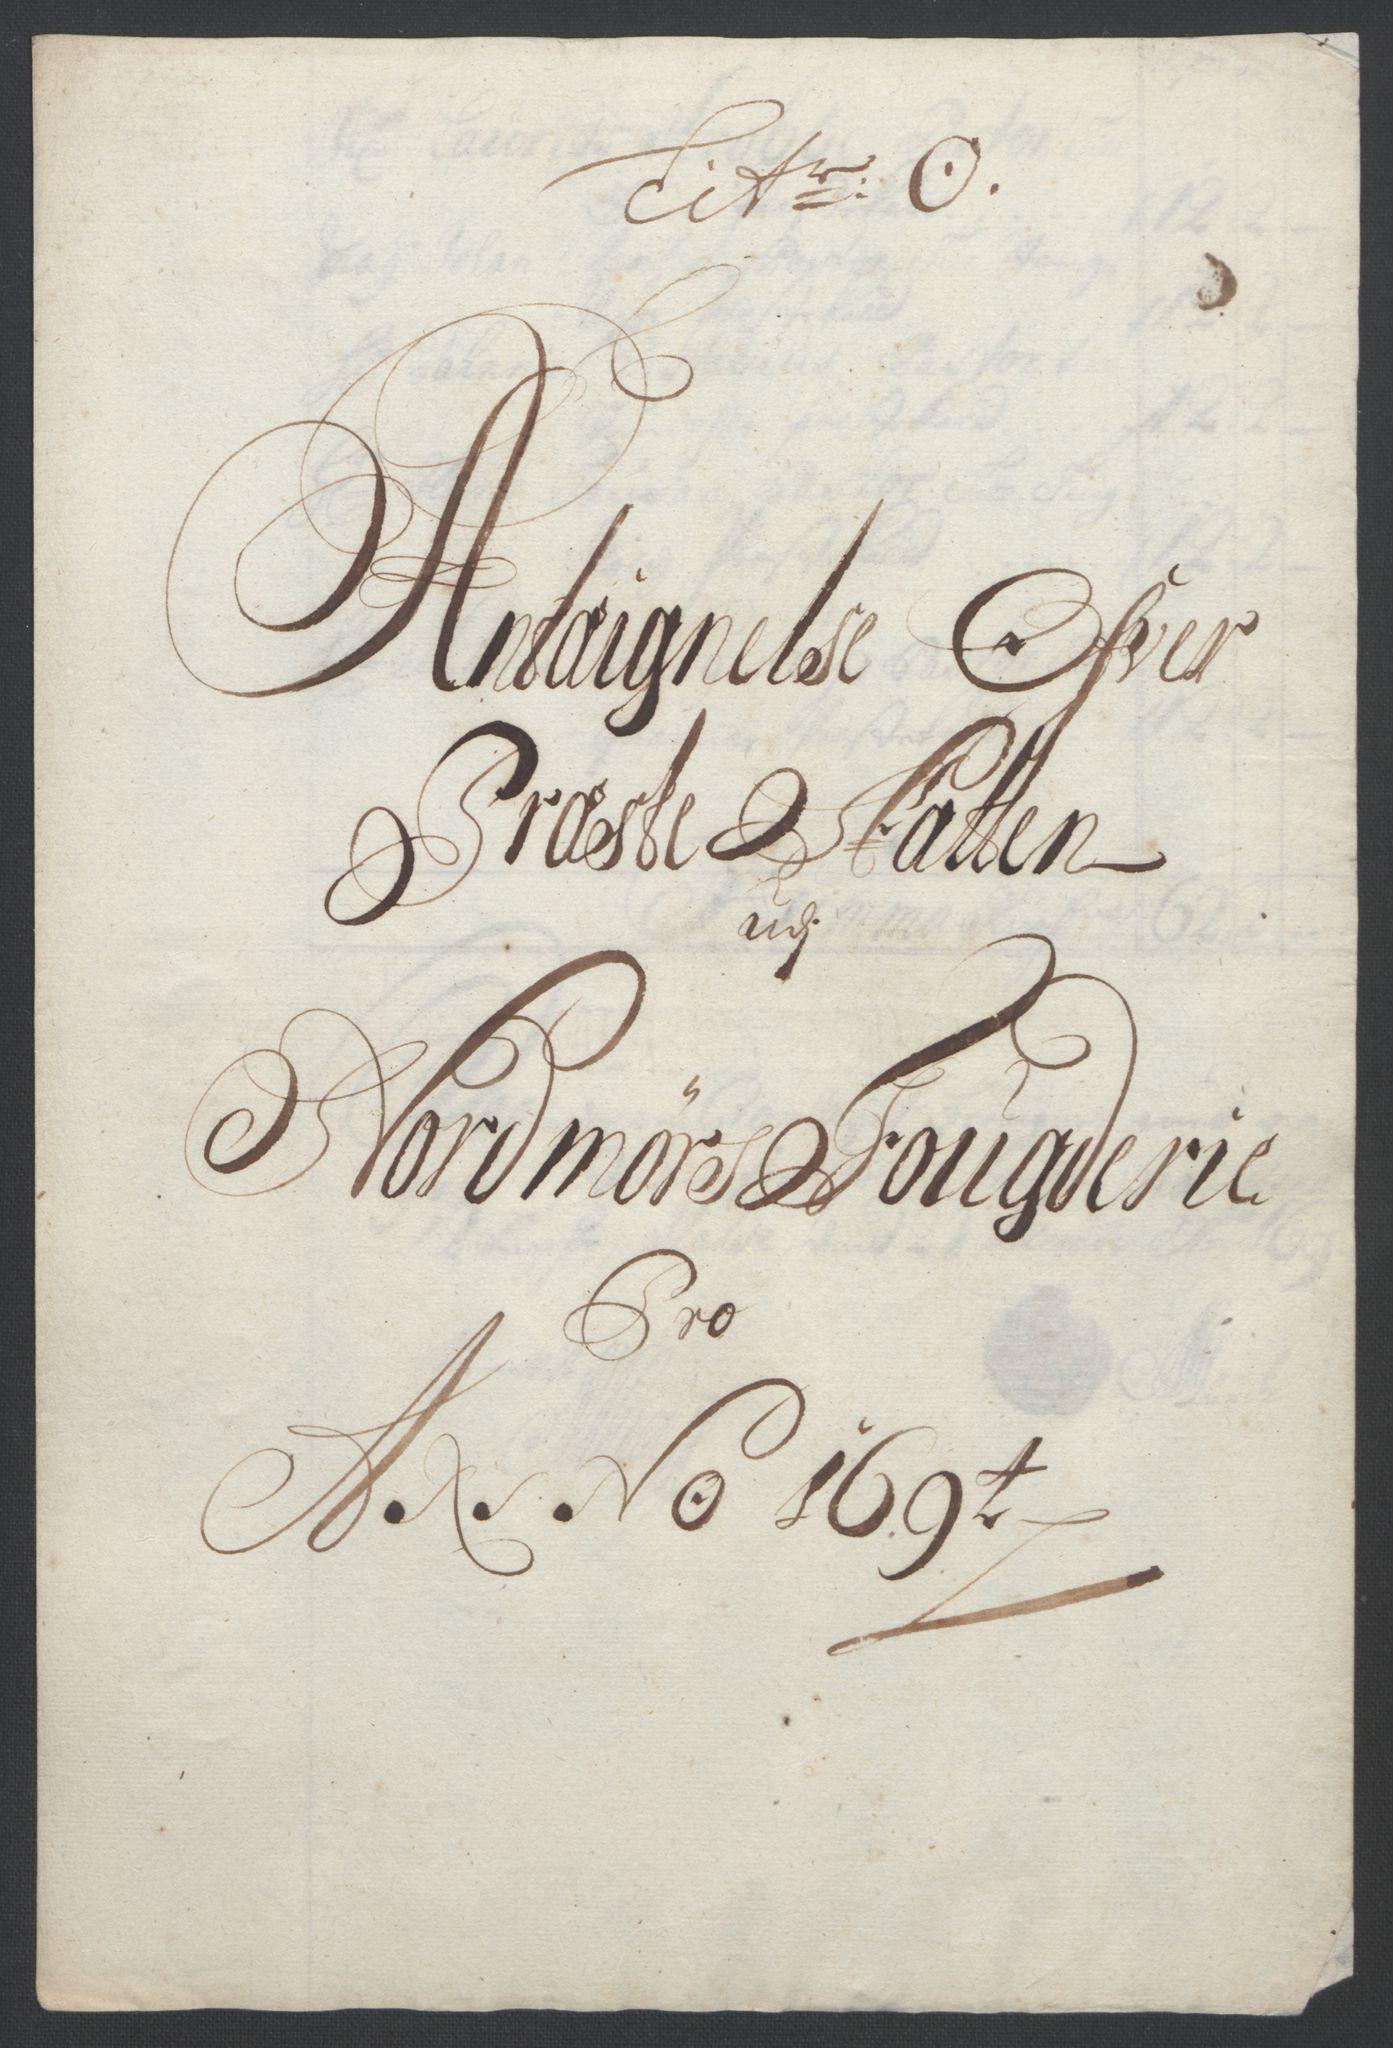 RA, Rentekammeret inntil 1814, Reviderte regnskaper, Fogderegnskap, R56/L3736: Fogderegnskap Nordmøre, 1694-1696, s. 110